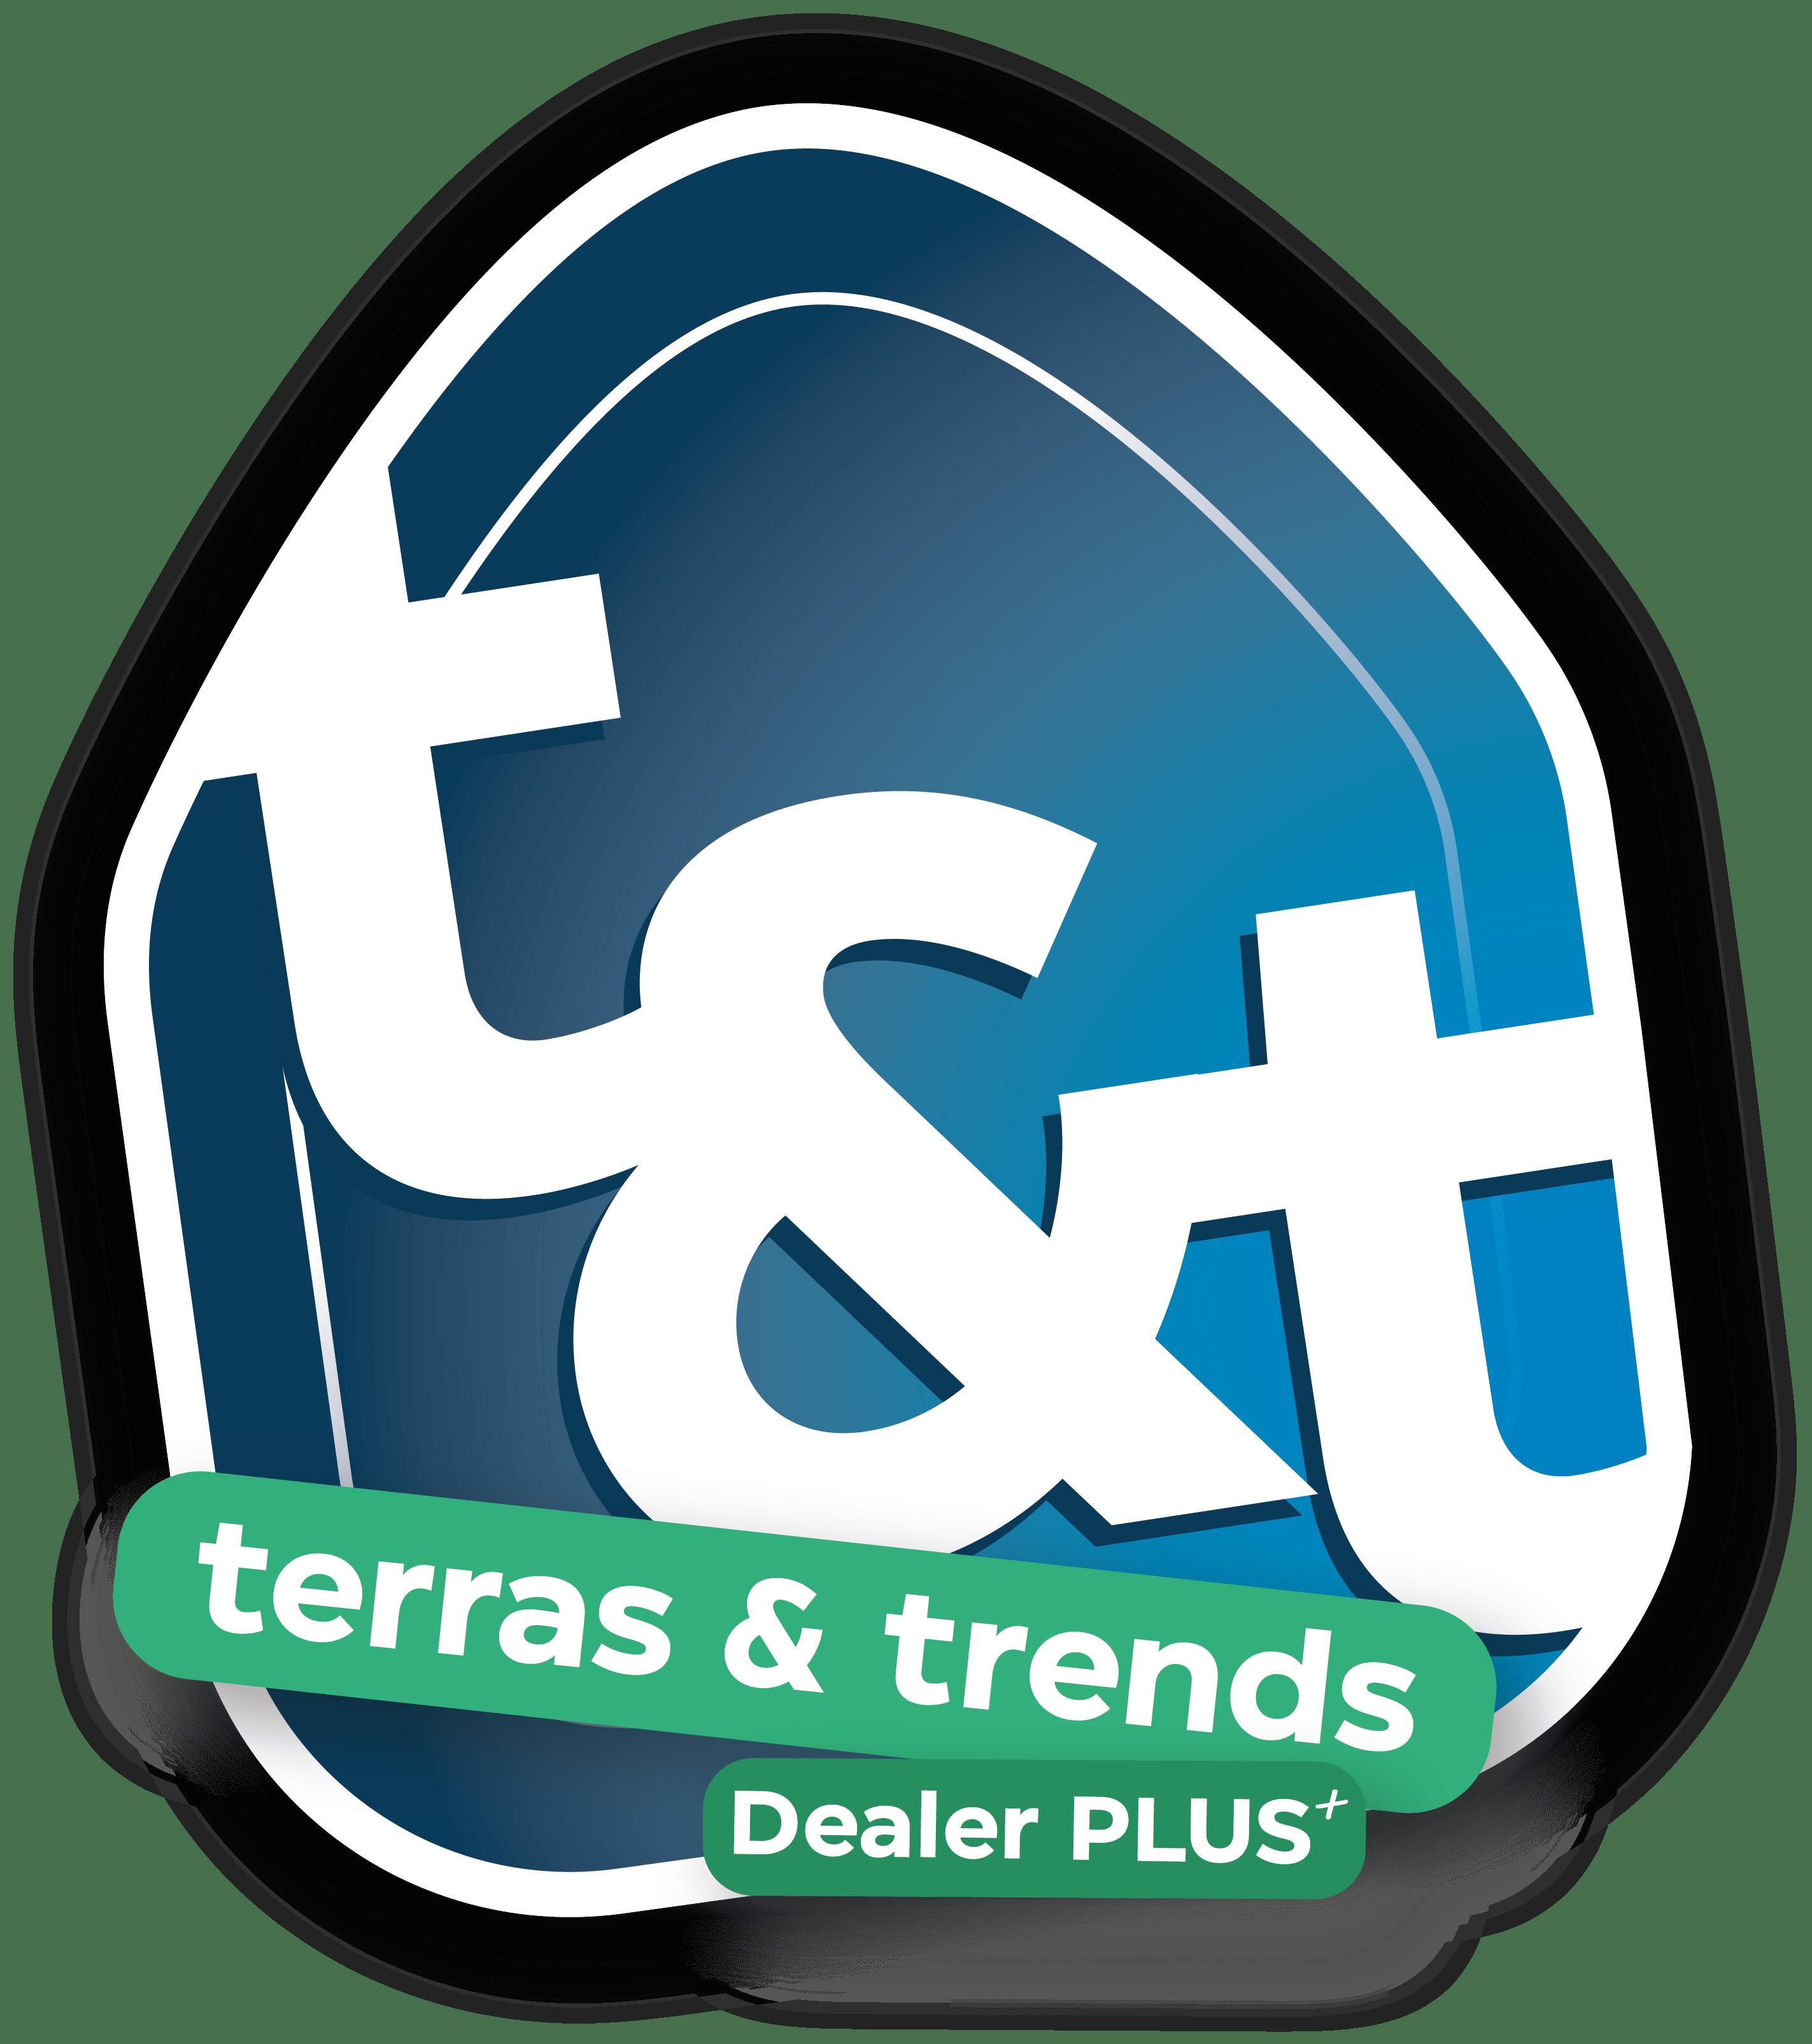 De Middelpas - Terras&Trends-Dealer-button dealer-plus